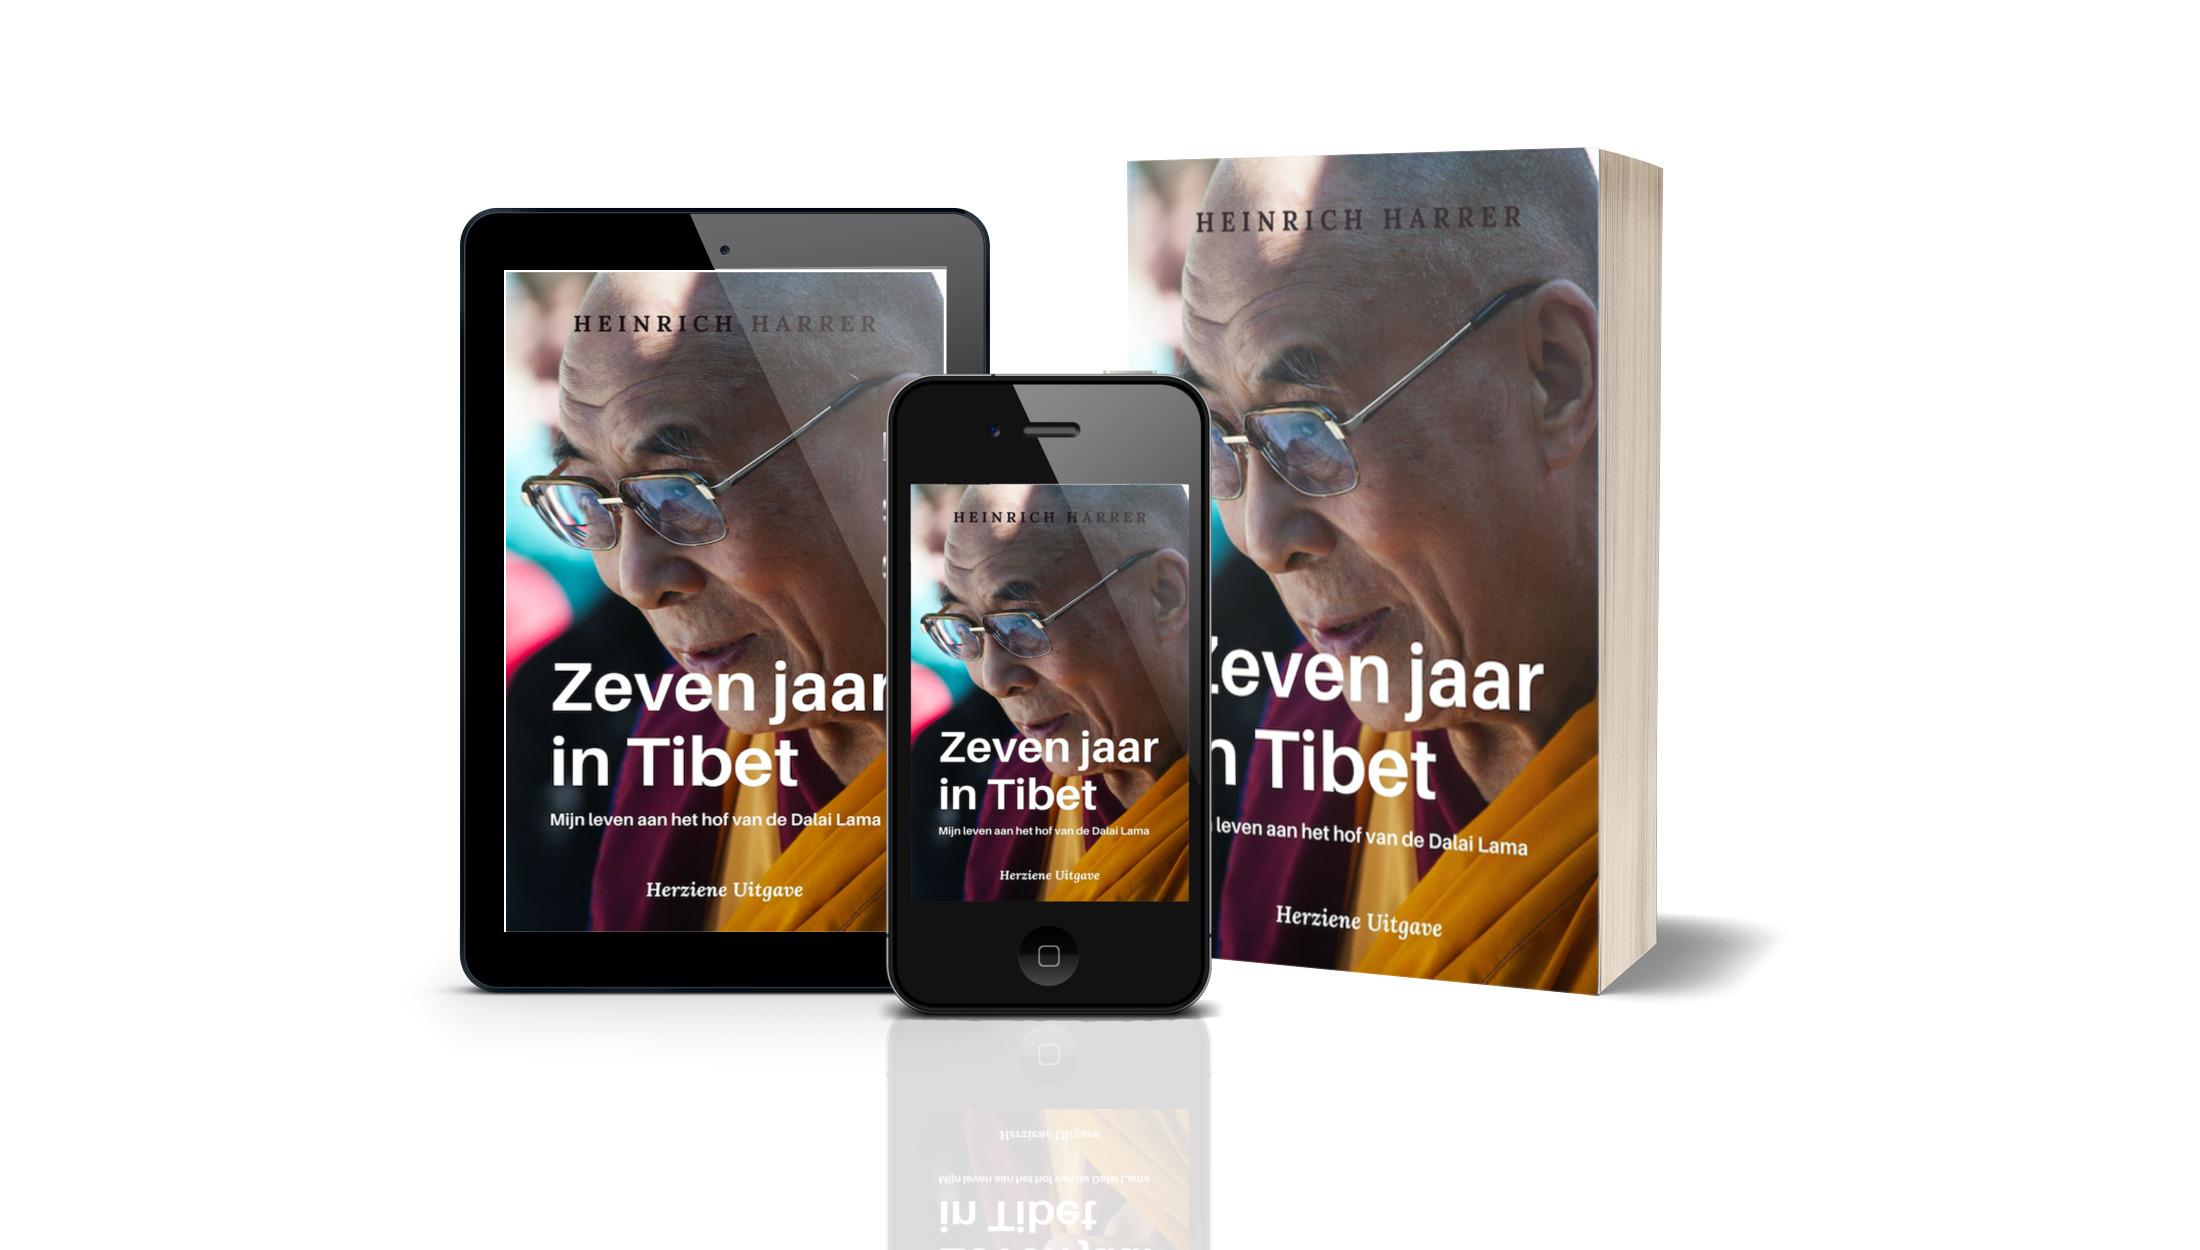 Revival! Aankondiging heruitgave Zeven jaar in Tibet